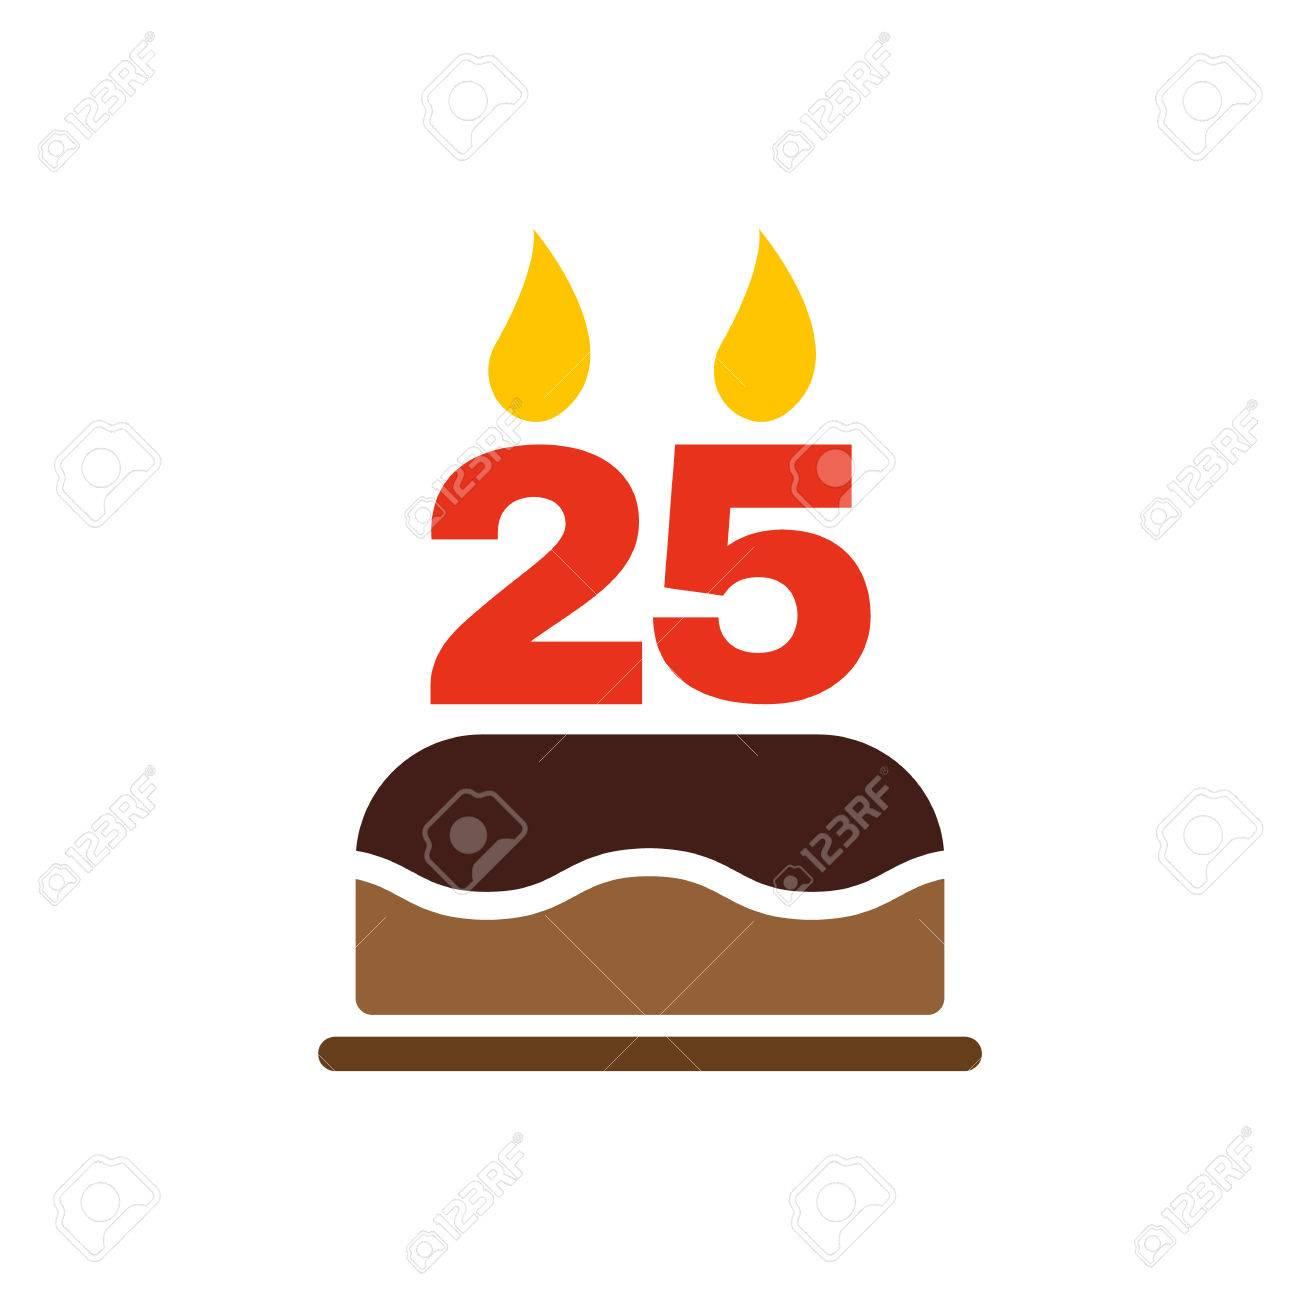 La Torta De Cumpleanos Con Velas En Forma De Numero 25 Icono